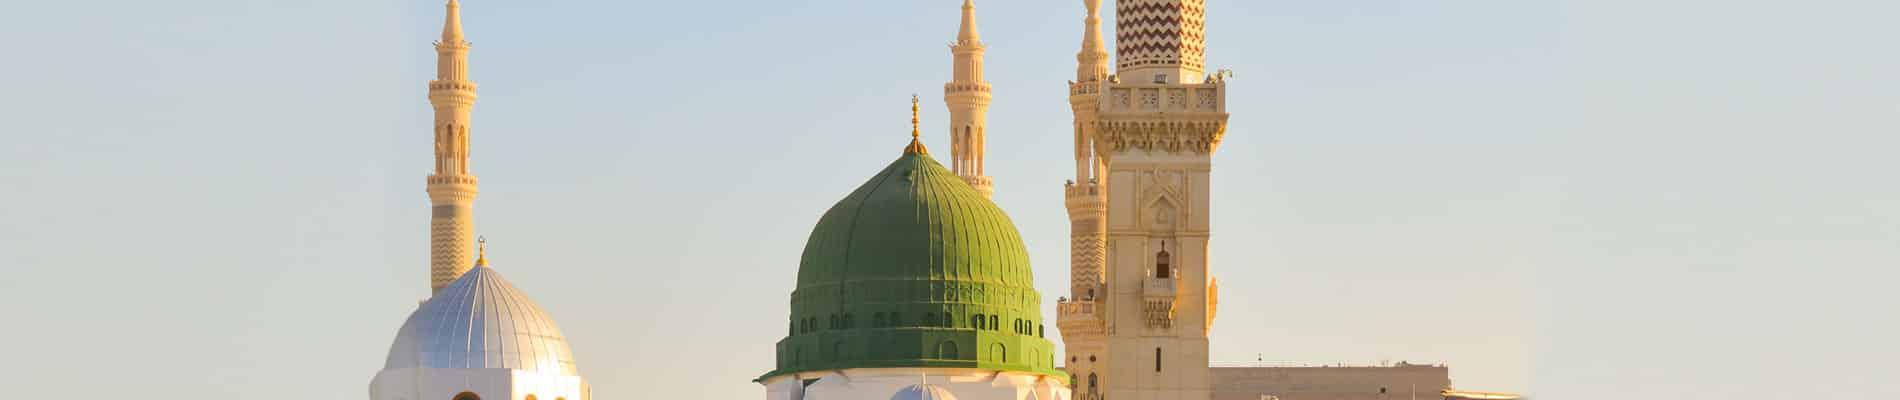 Grand Mosque in Medina